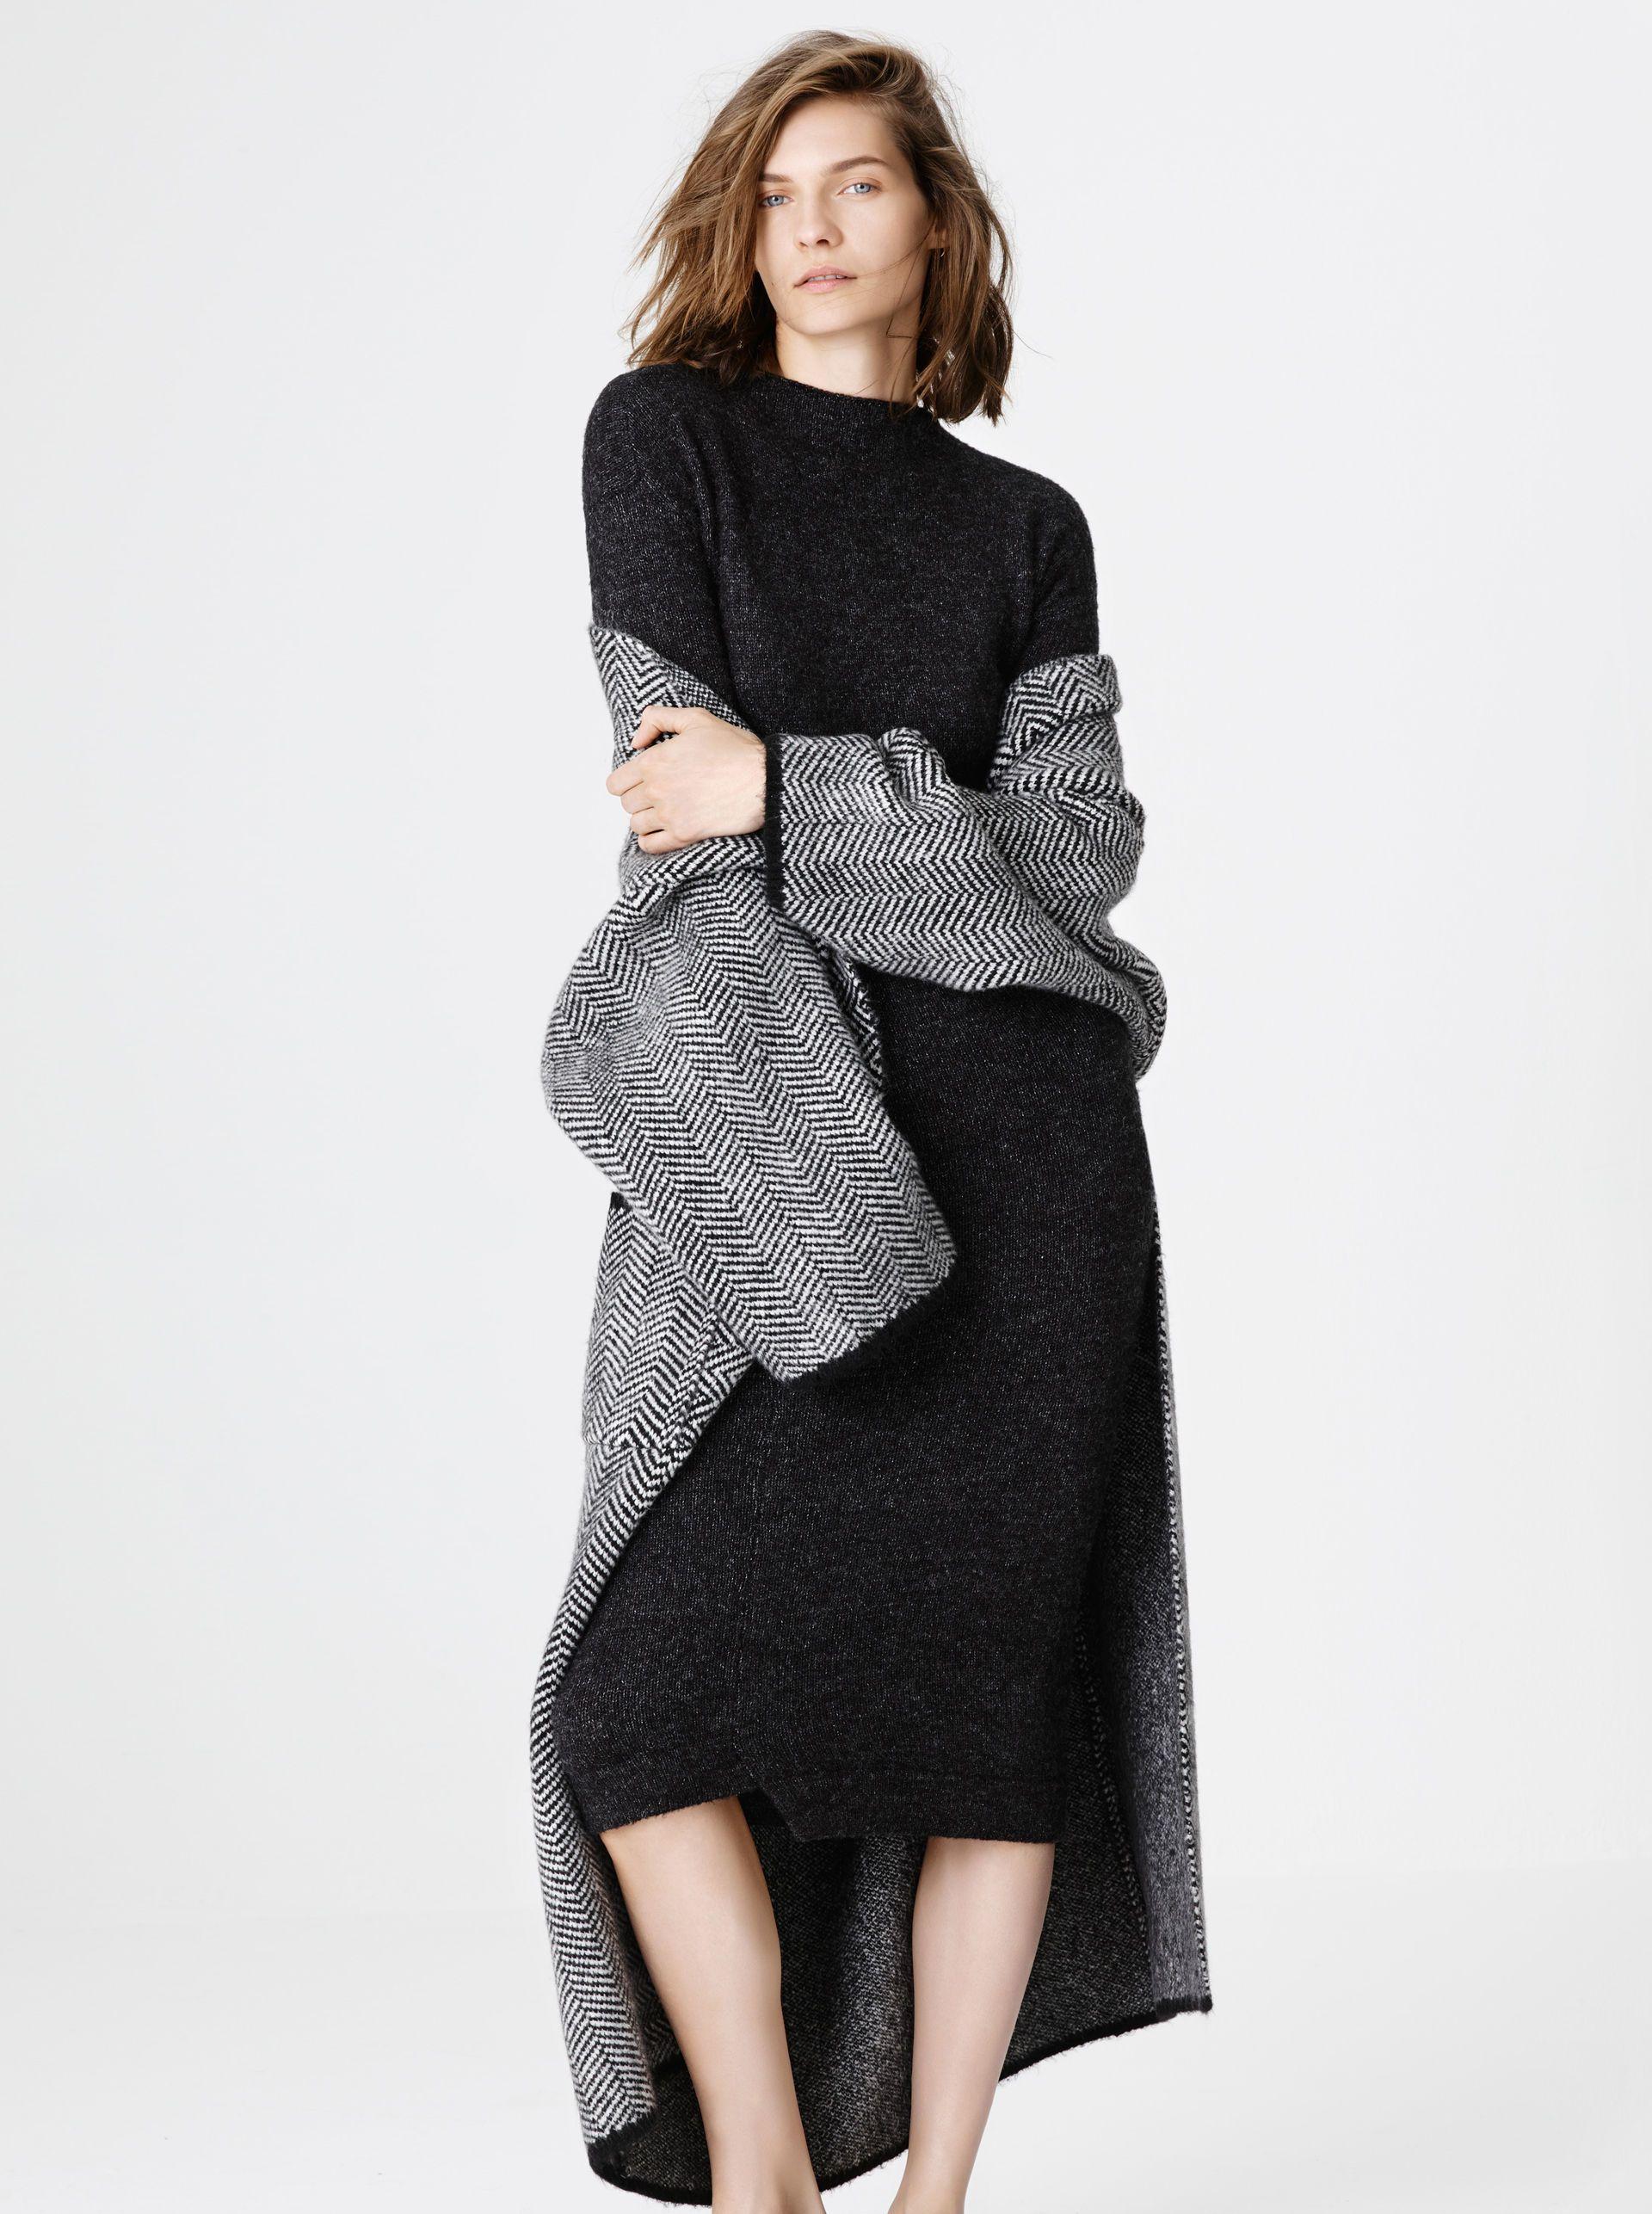 Zara lookbook | MyDubio